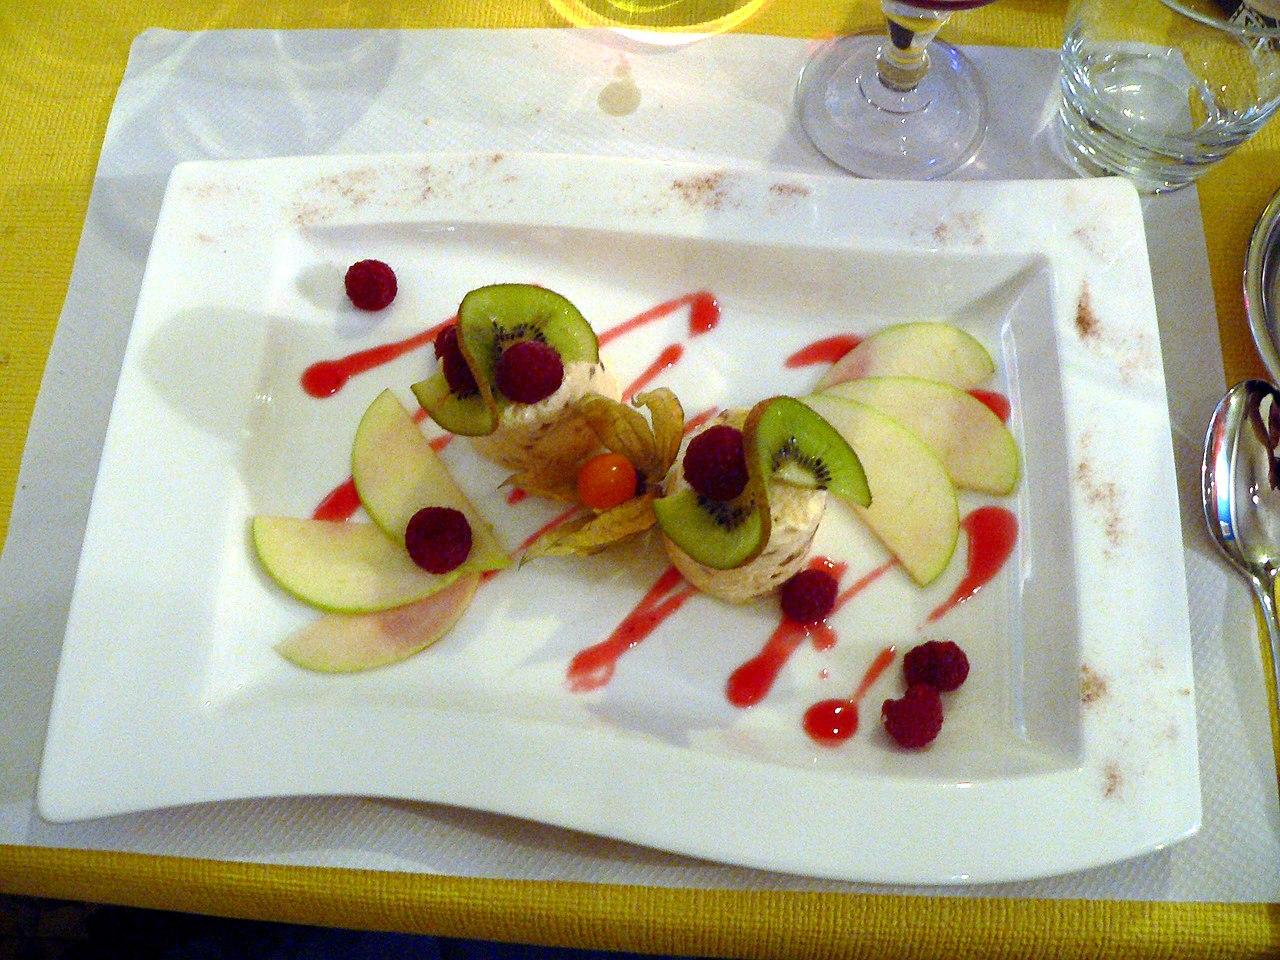 File:Dessert-miam-miam-p1010507.jpg